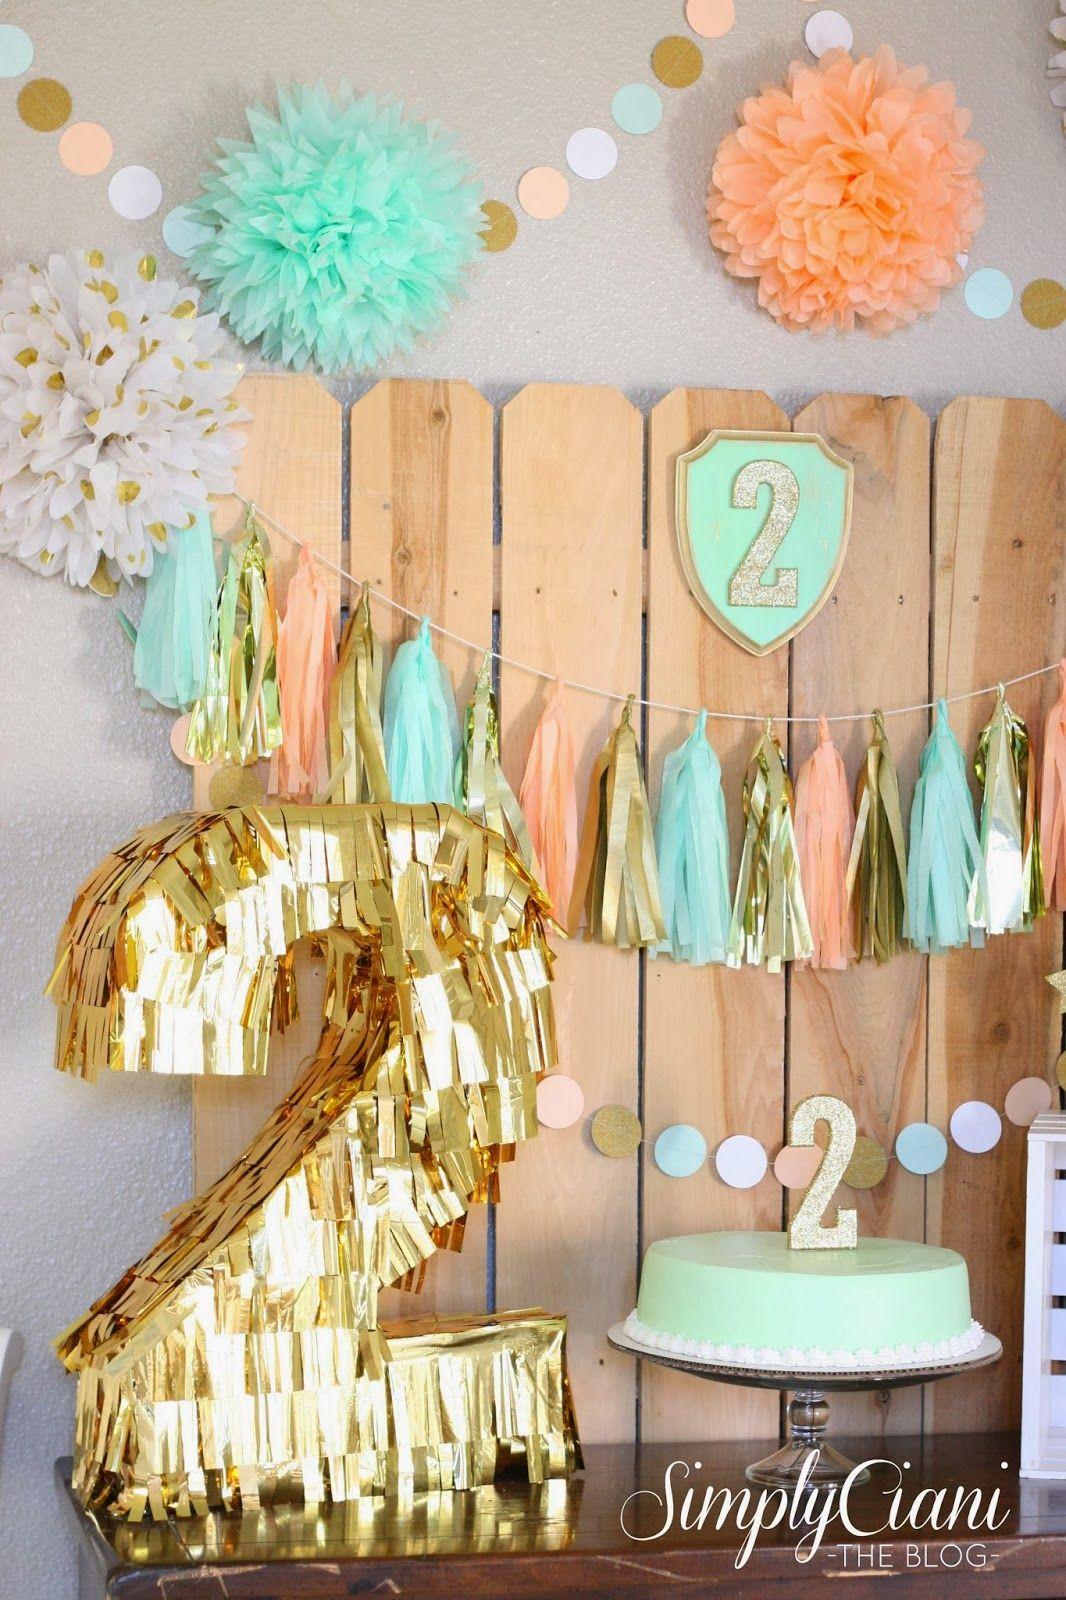 Me gusta mucho esta decoraci n para fiestas de cumplea os - Decoracion primer cumpleanos ...